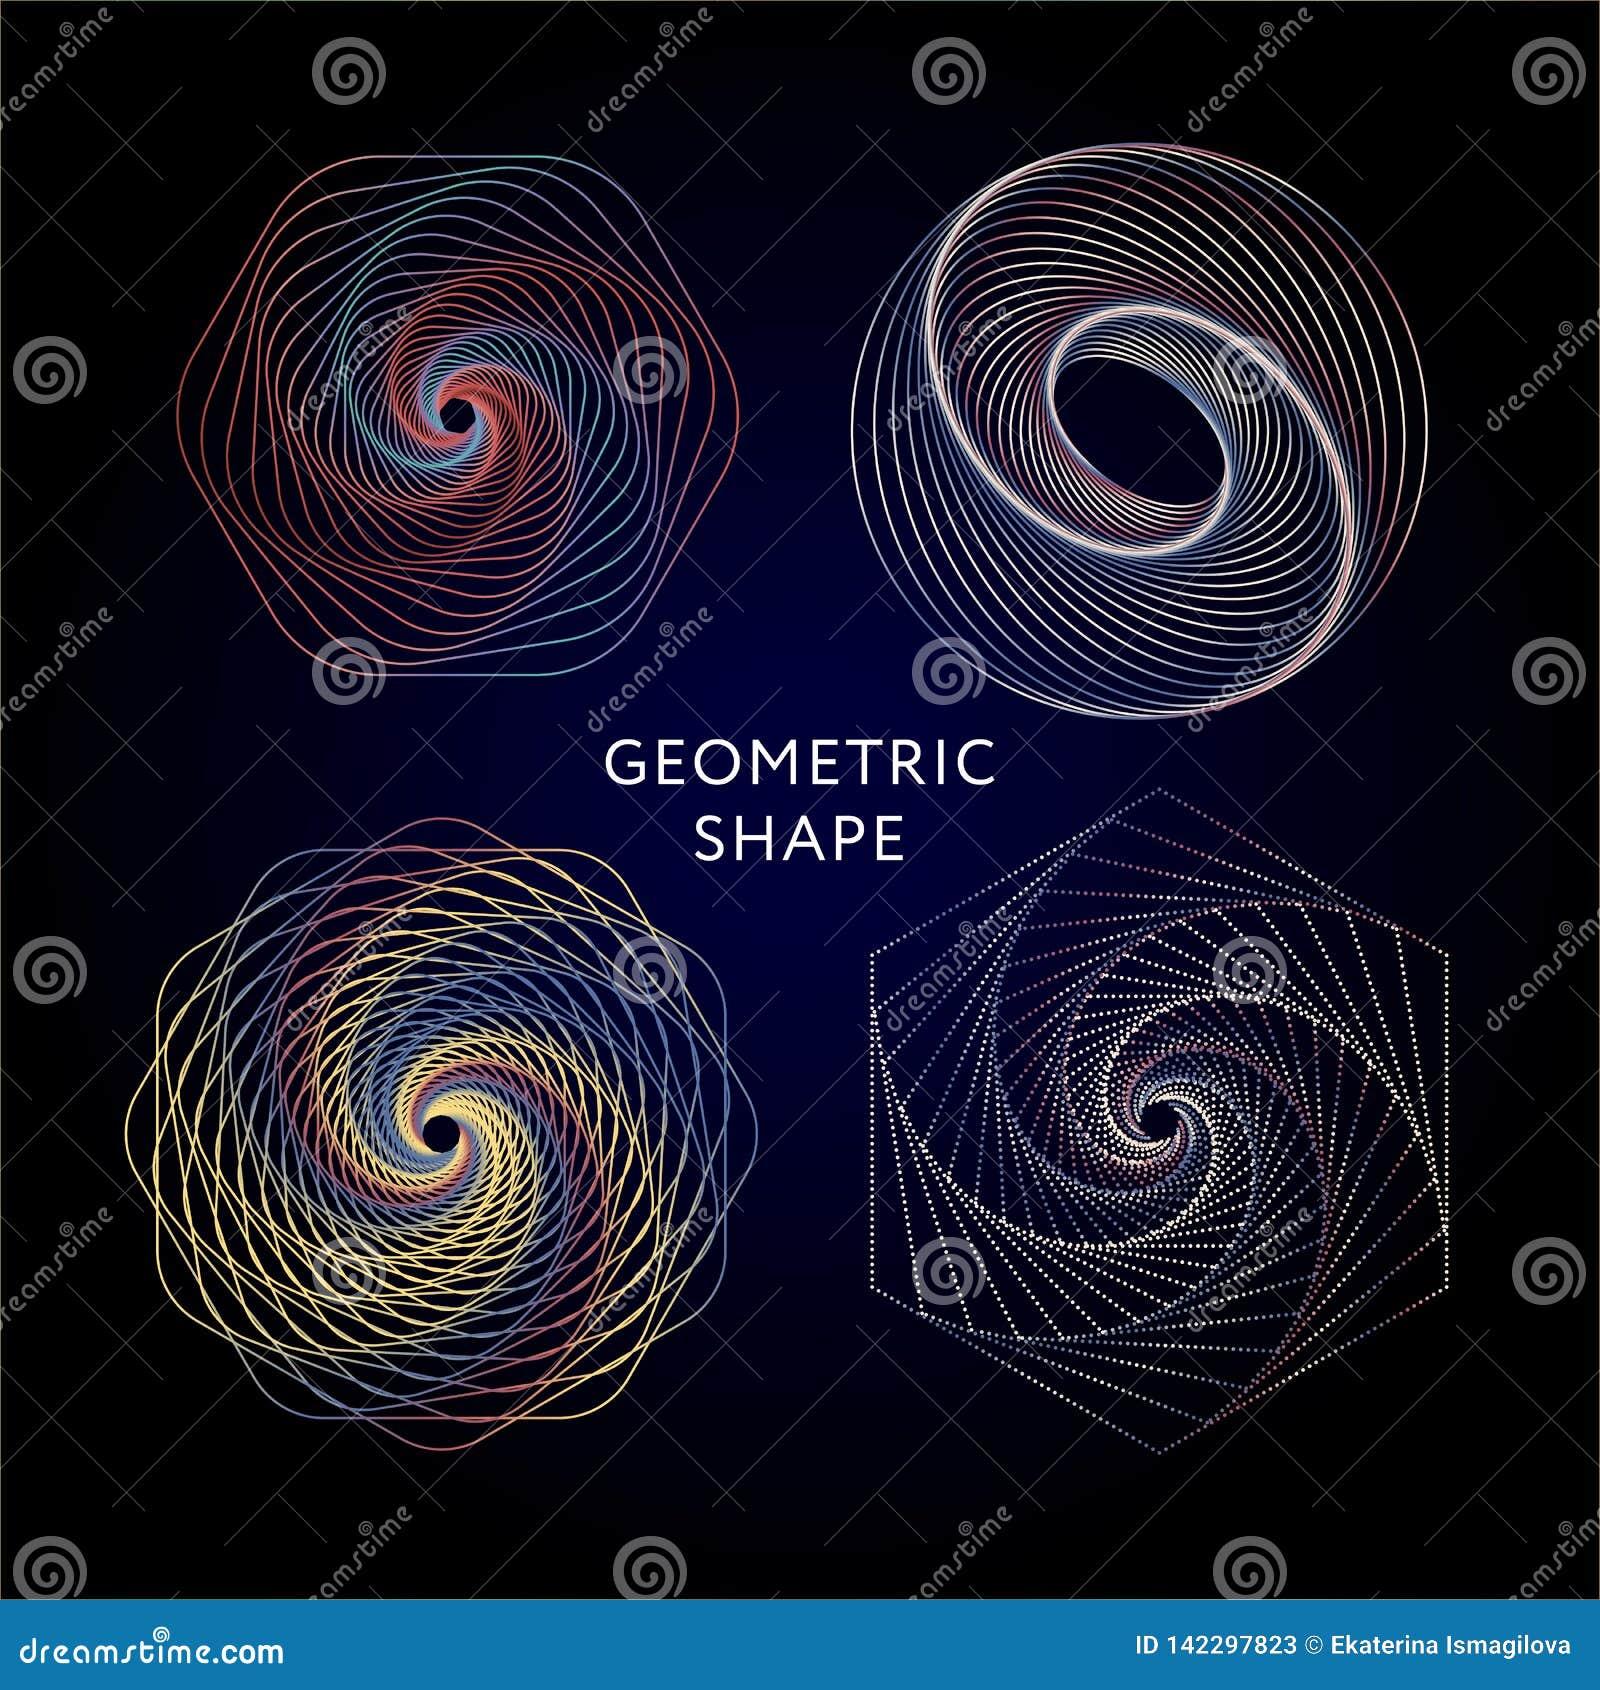 Colección de los símbolos de la geometría inconformista, extracto, alquimia, espiritual, sistema de elementos místico